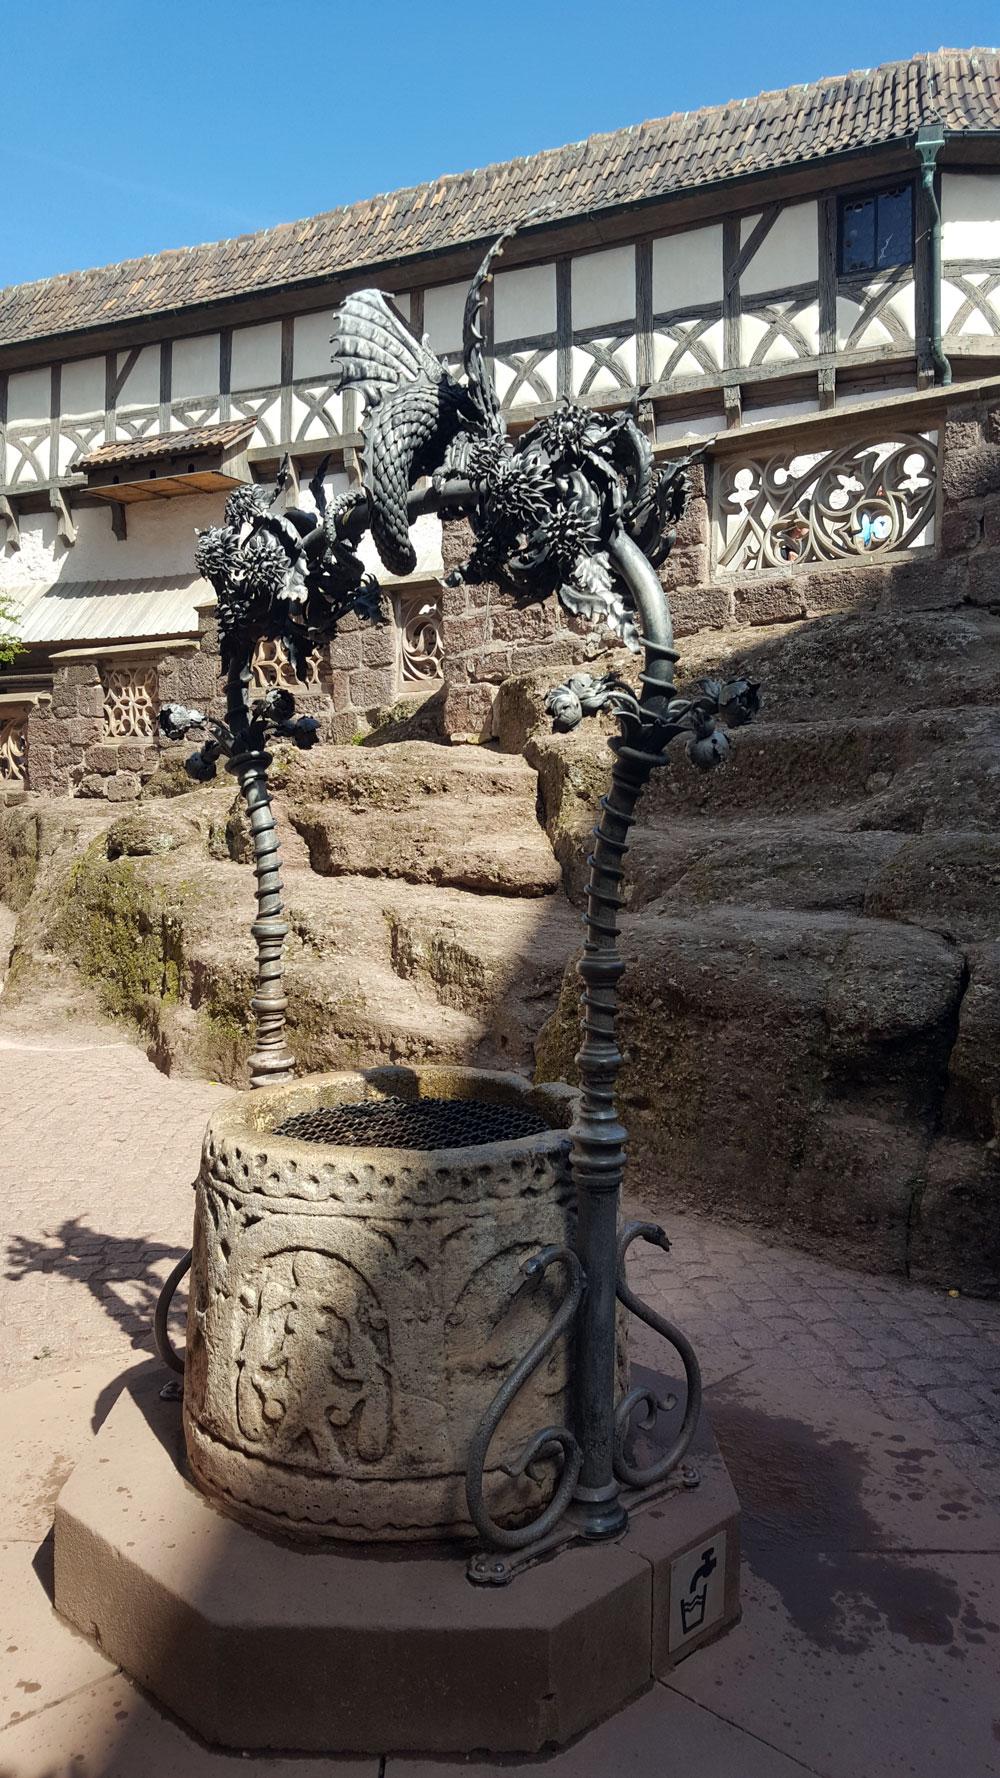 Alter Trinkwasser-Brunnen im Innenhof